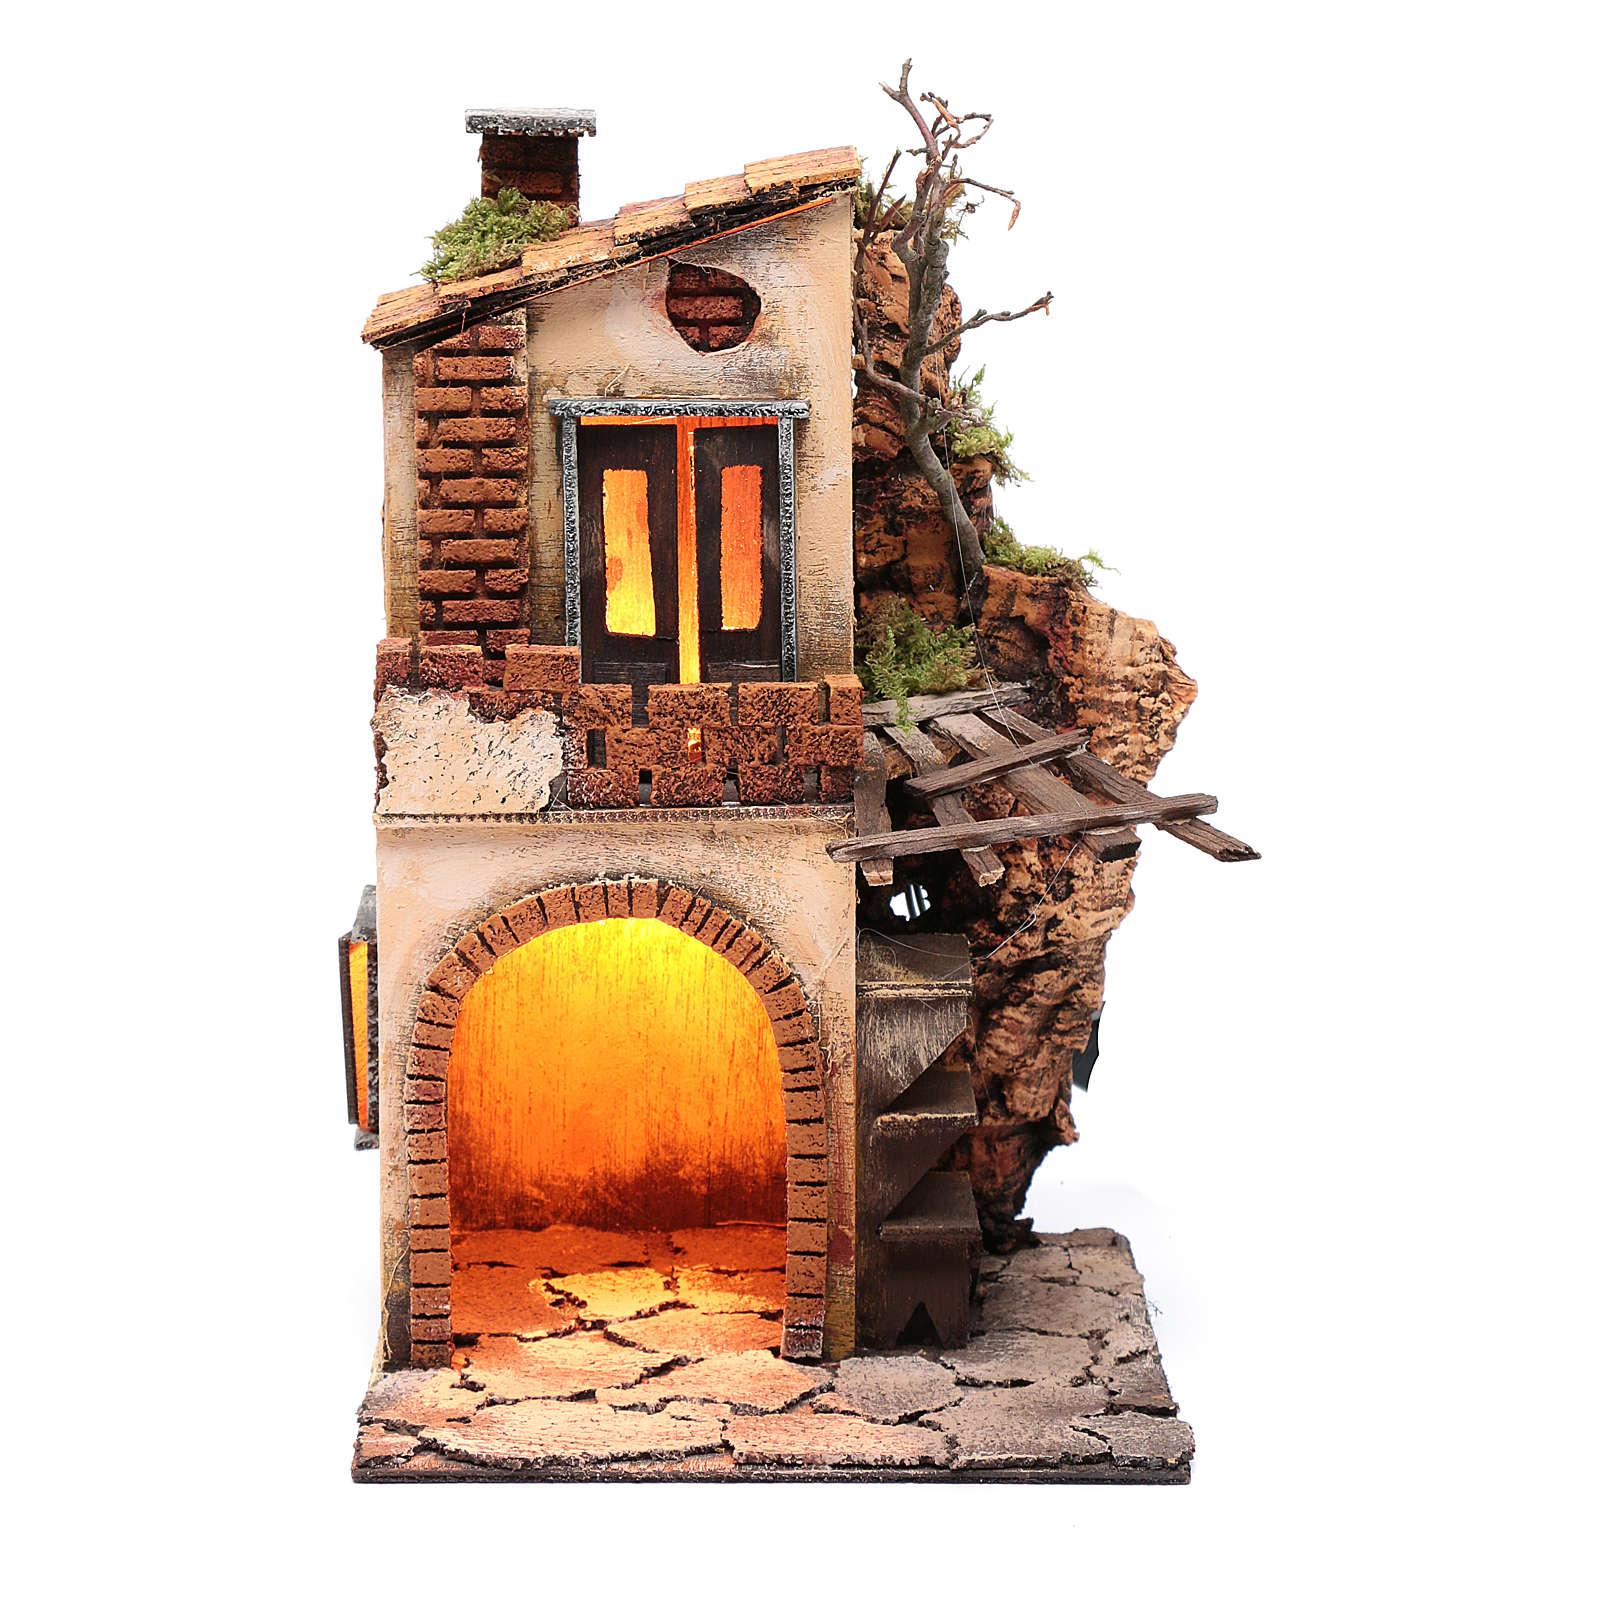 Casa con tettoia e luce ambientazione per presepe 30x20x20 4